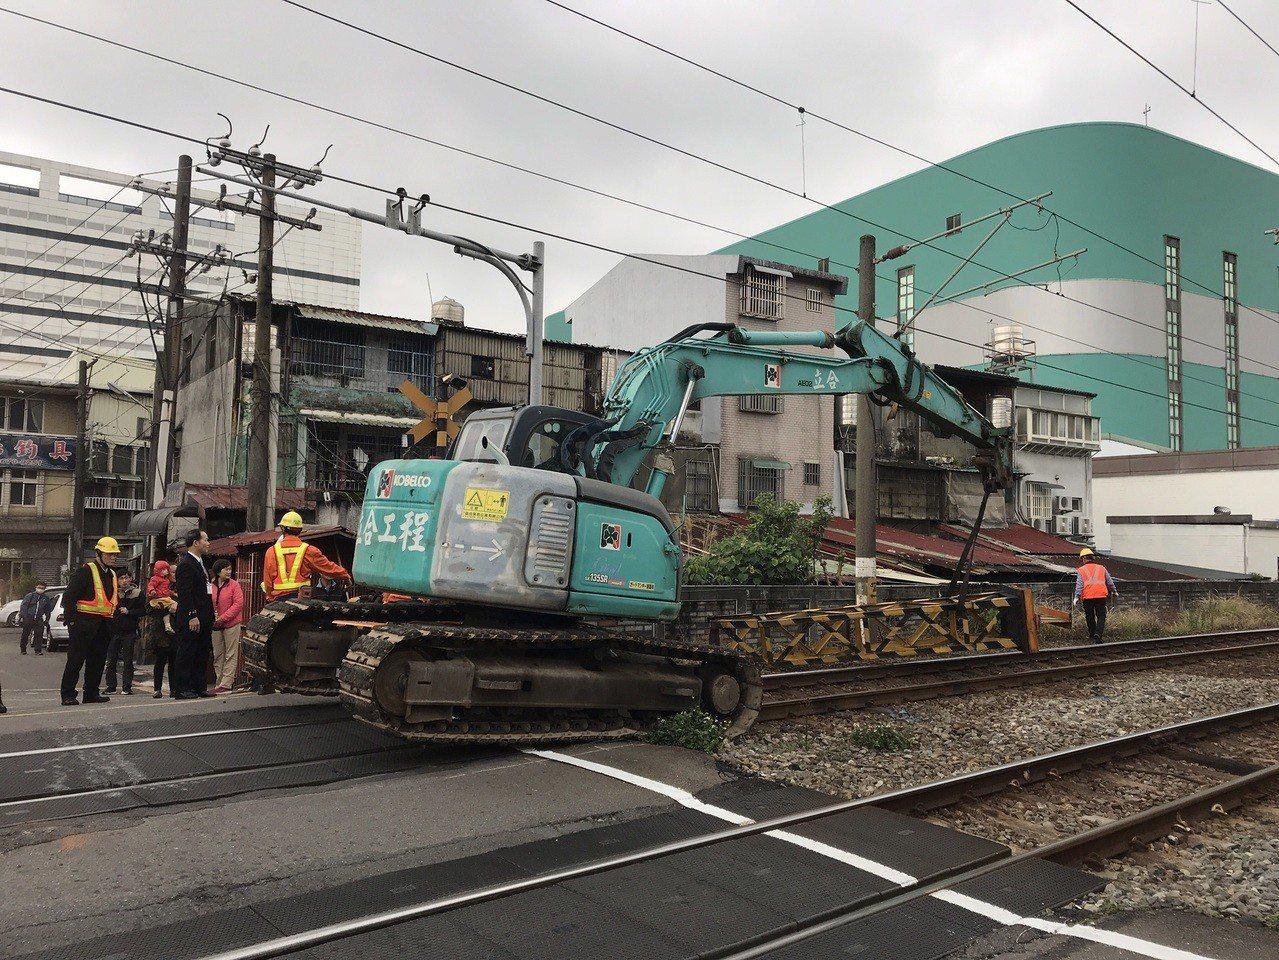 台鐵局調度機具搶修,警方通報已於下午1時42分排除。記者林昭彰/翻攝